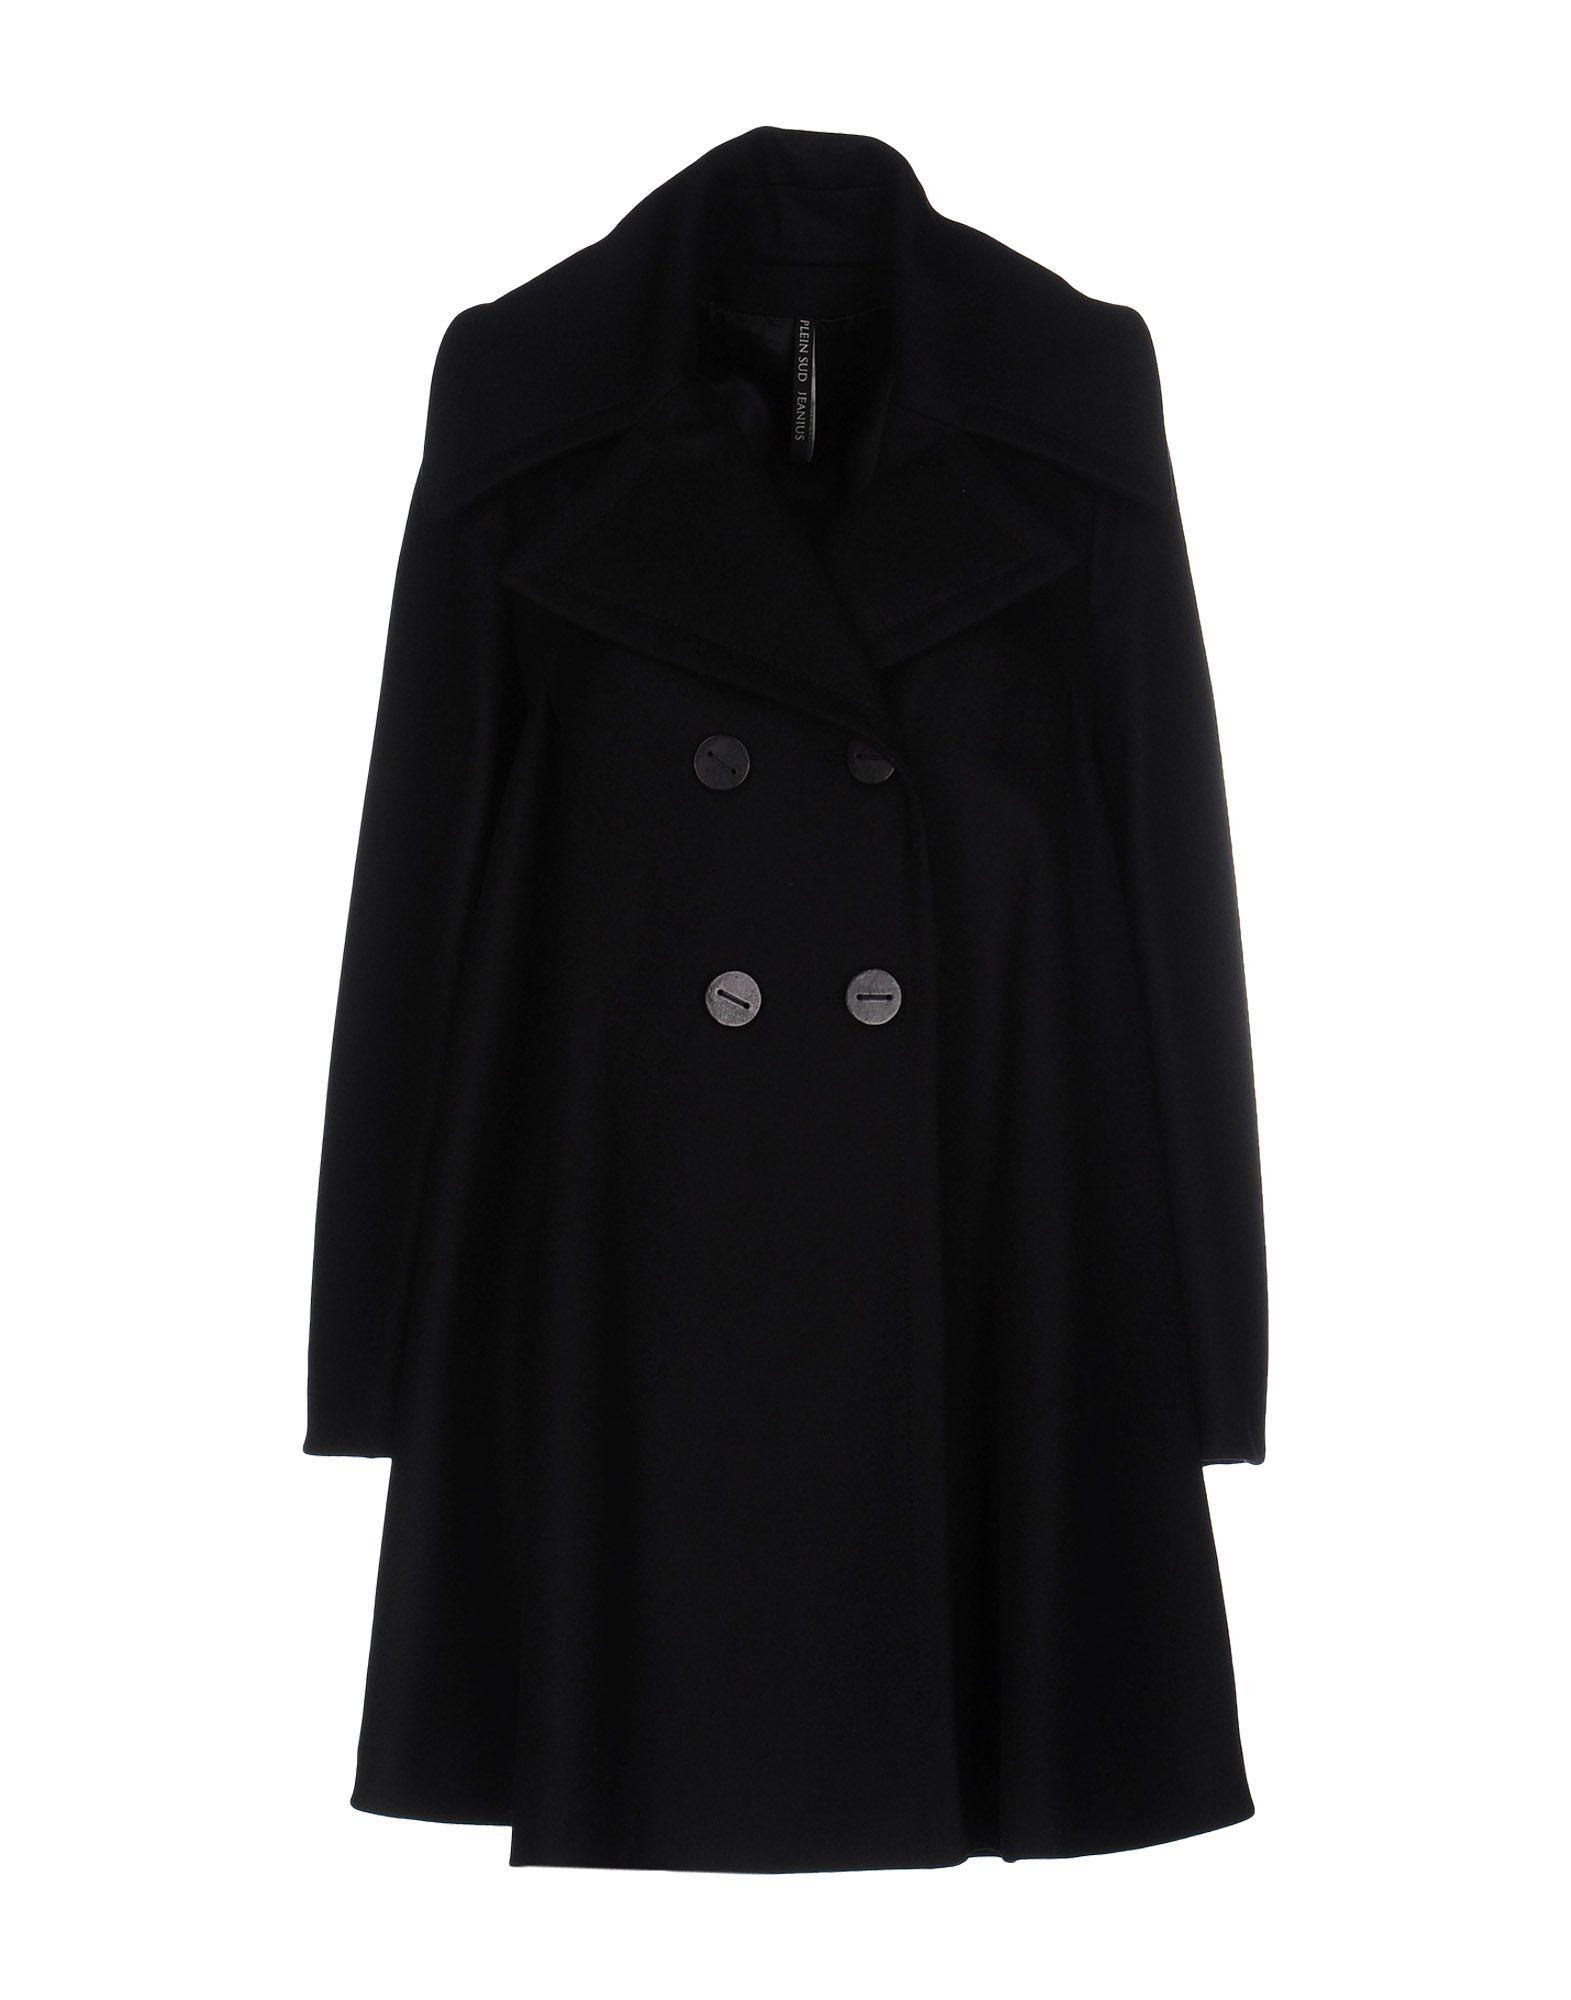 Plein Sud Jeanius Coat In Black